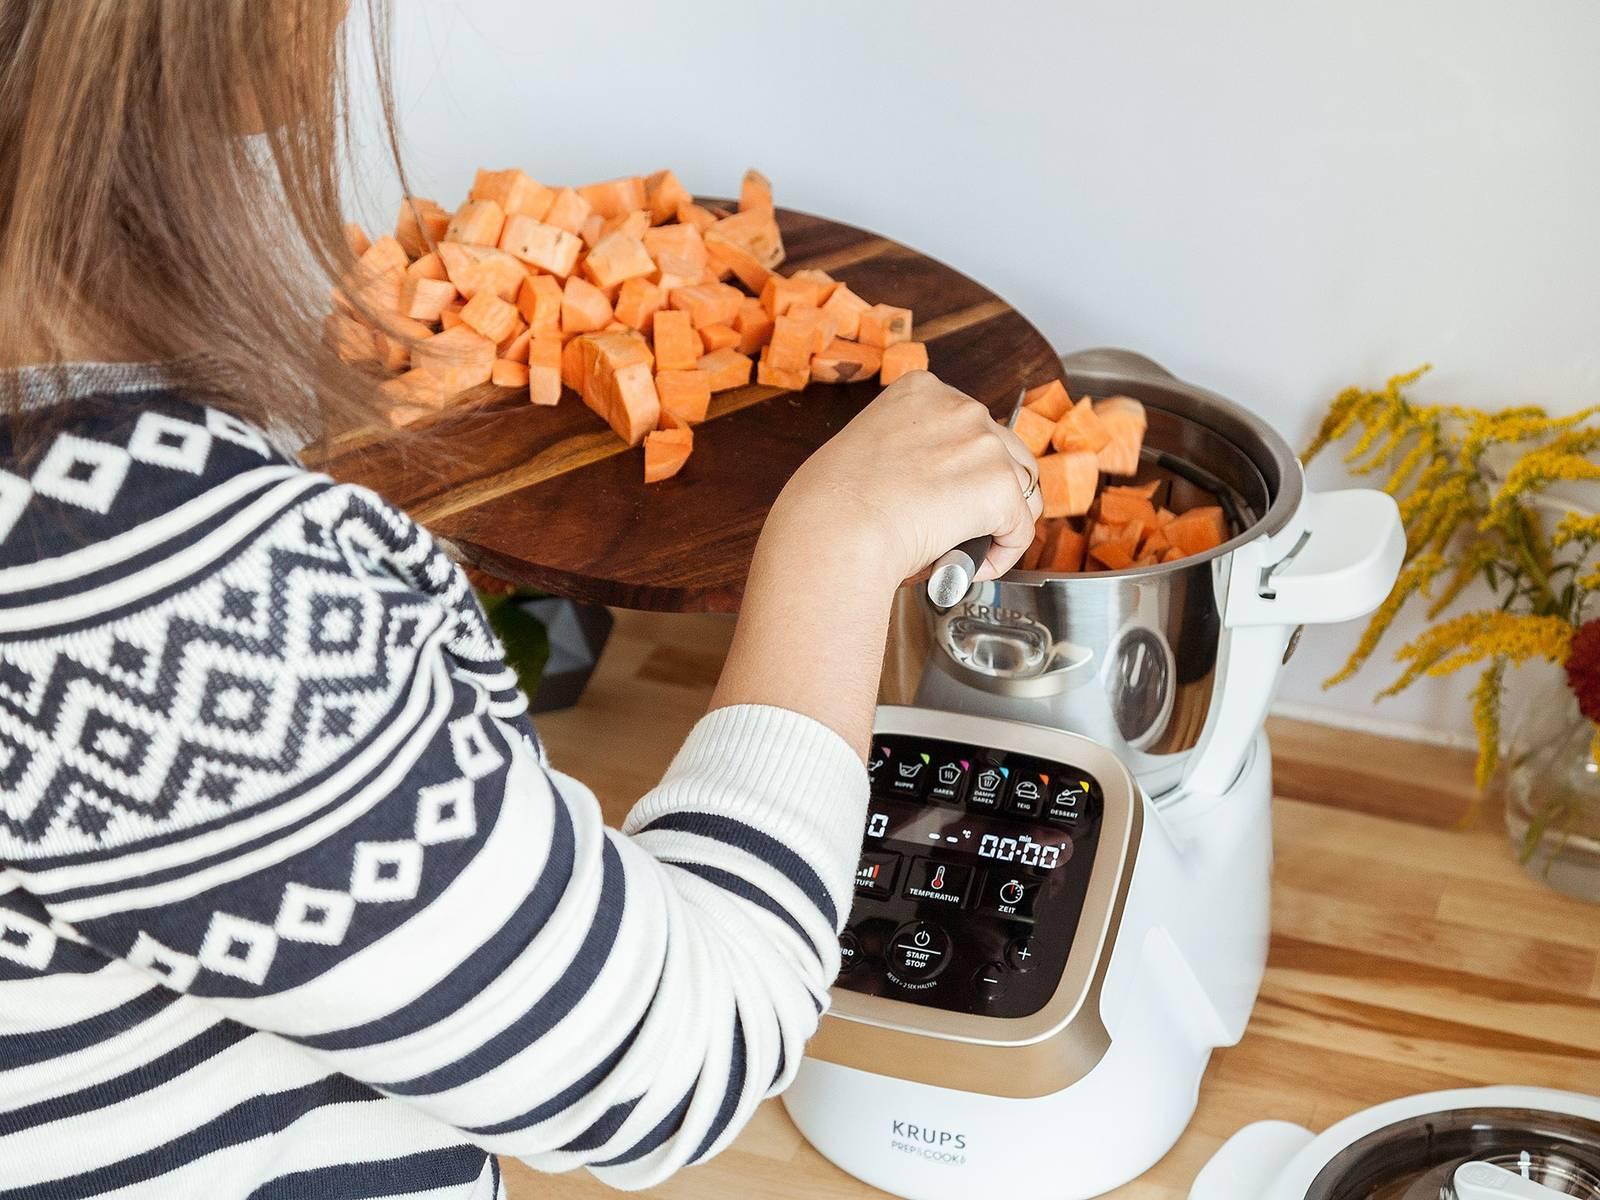 Für das Püree Süßkartoffeln schälen und würfeln. Restlichen Knoblauch schälen und grob hacken. Wasser in die Schüssel des Prep&Cook geben und Dampfgareinsatz aufsetzen. Gewürfelte Süßkartoffeln und Knoblauch hineingeben, abdecken und mit dem Dampfgarprogramm ca. 25 - 30 Min. garen.